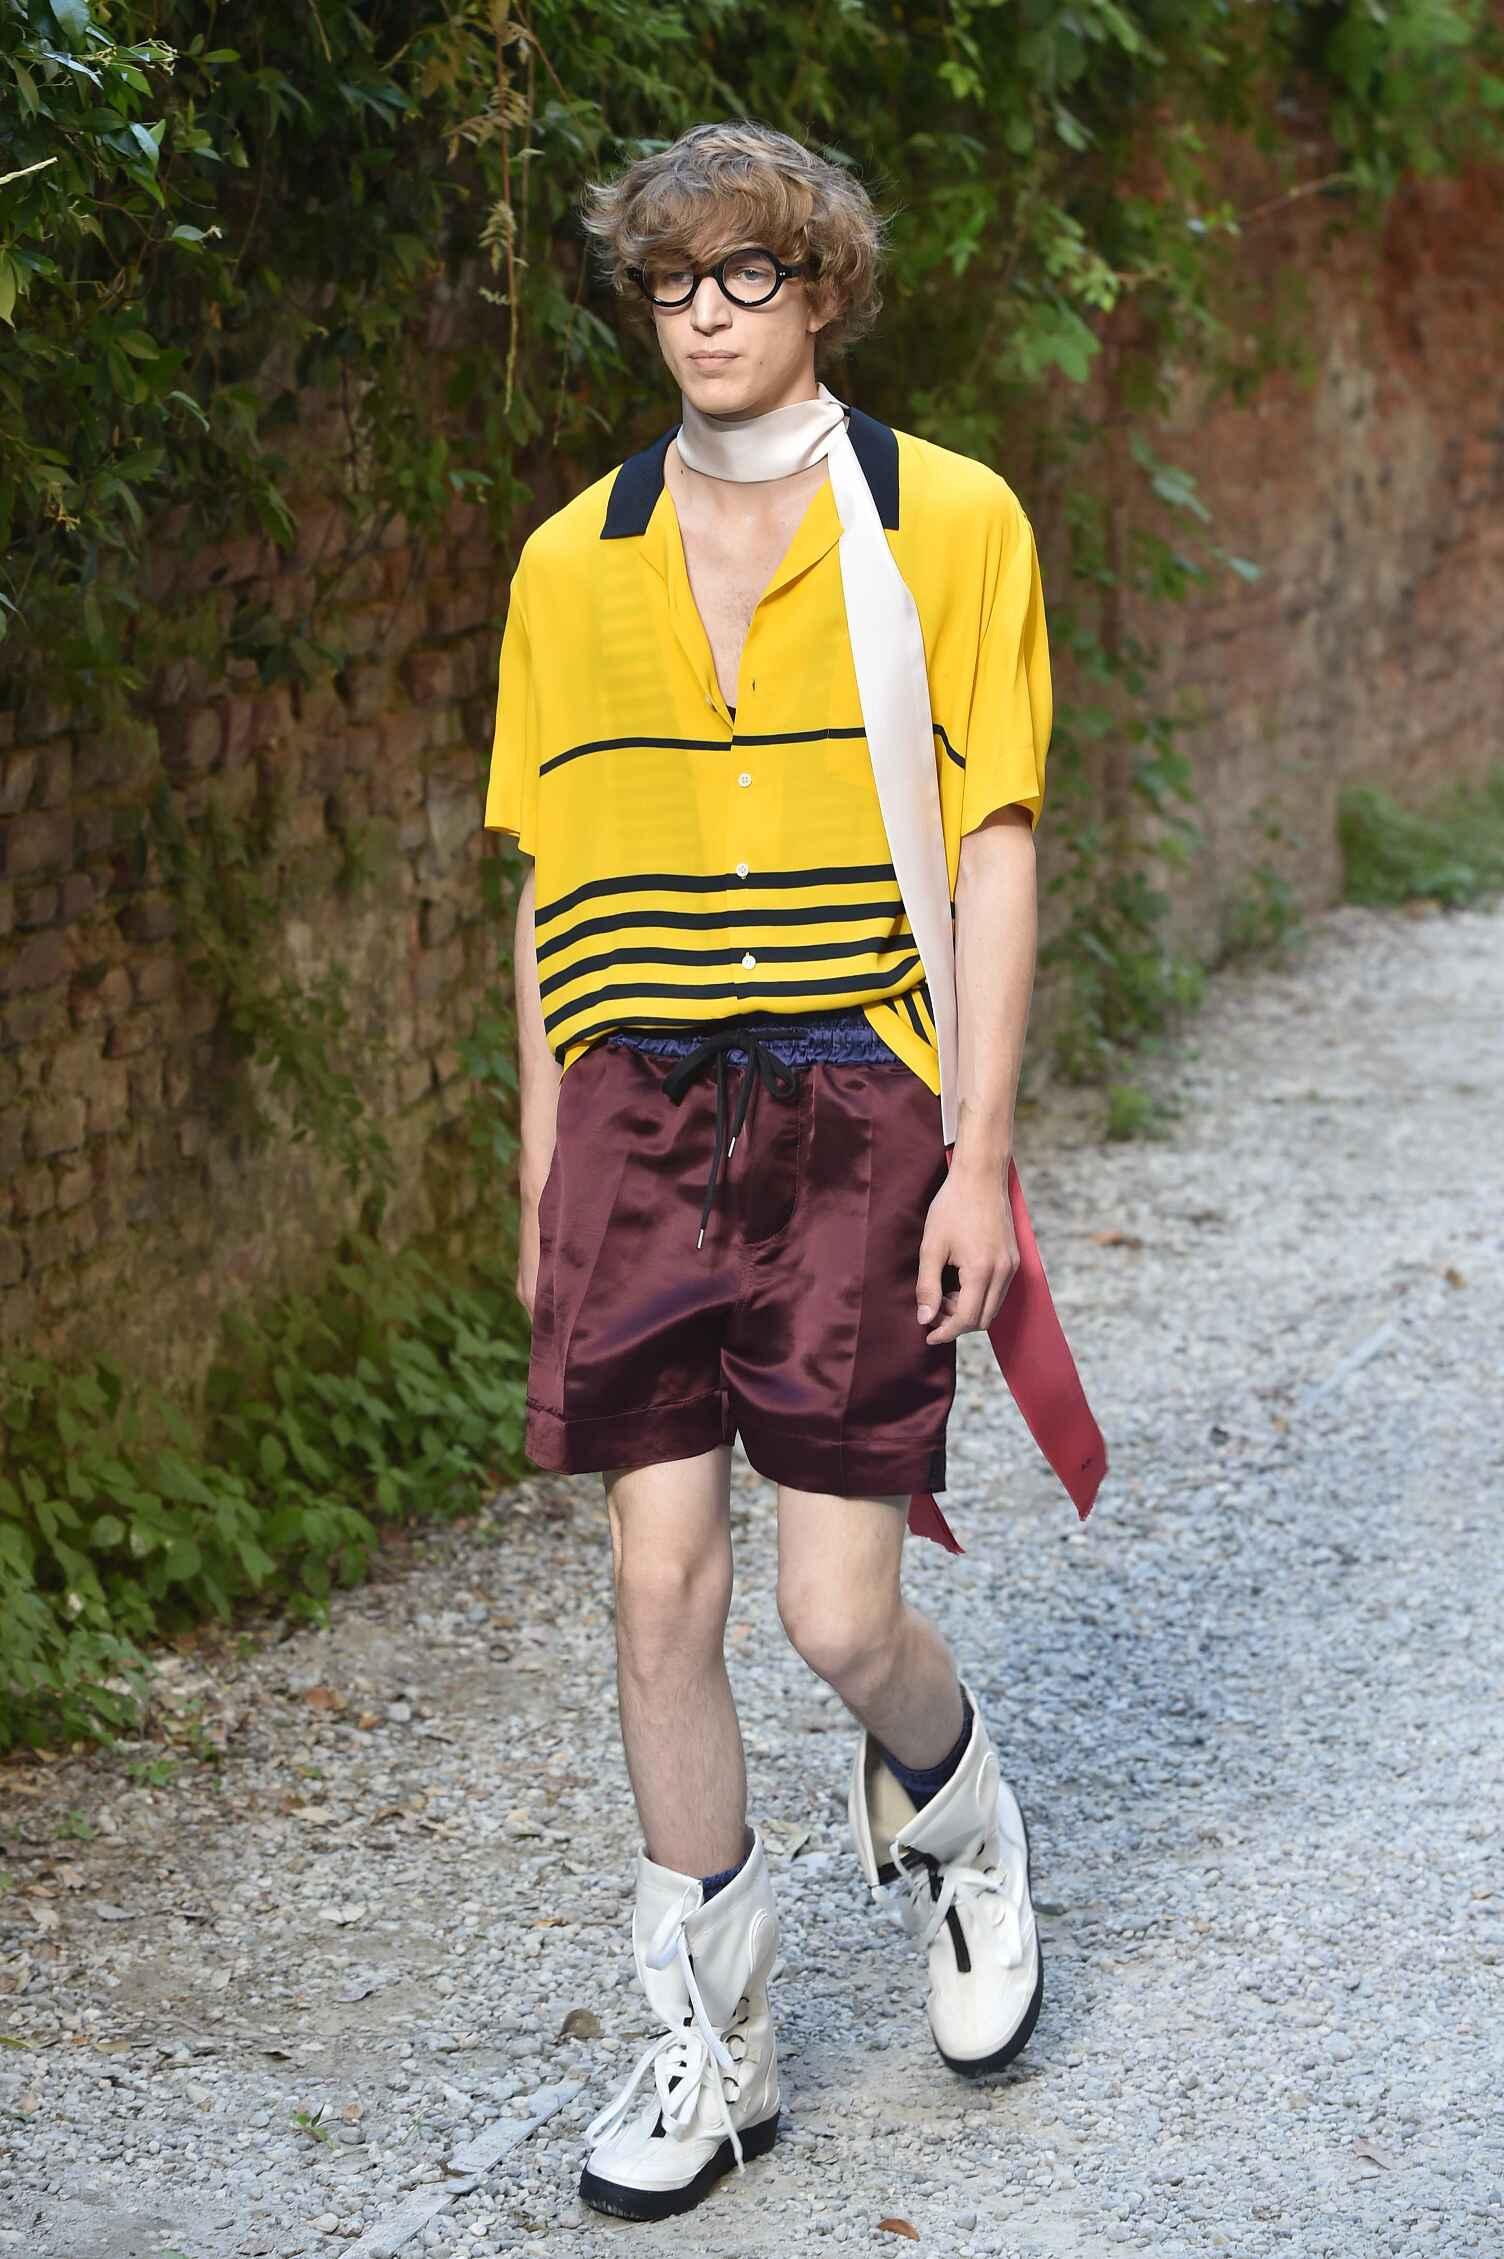 Fashion Menswear Andrea Pompilio Collection Catwalk